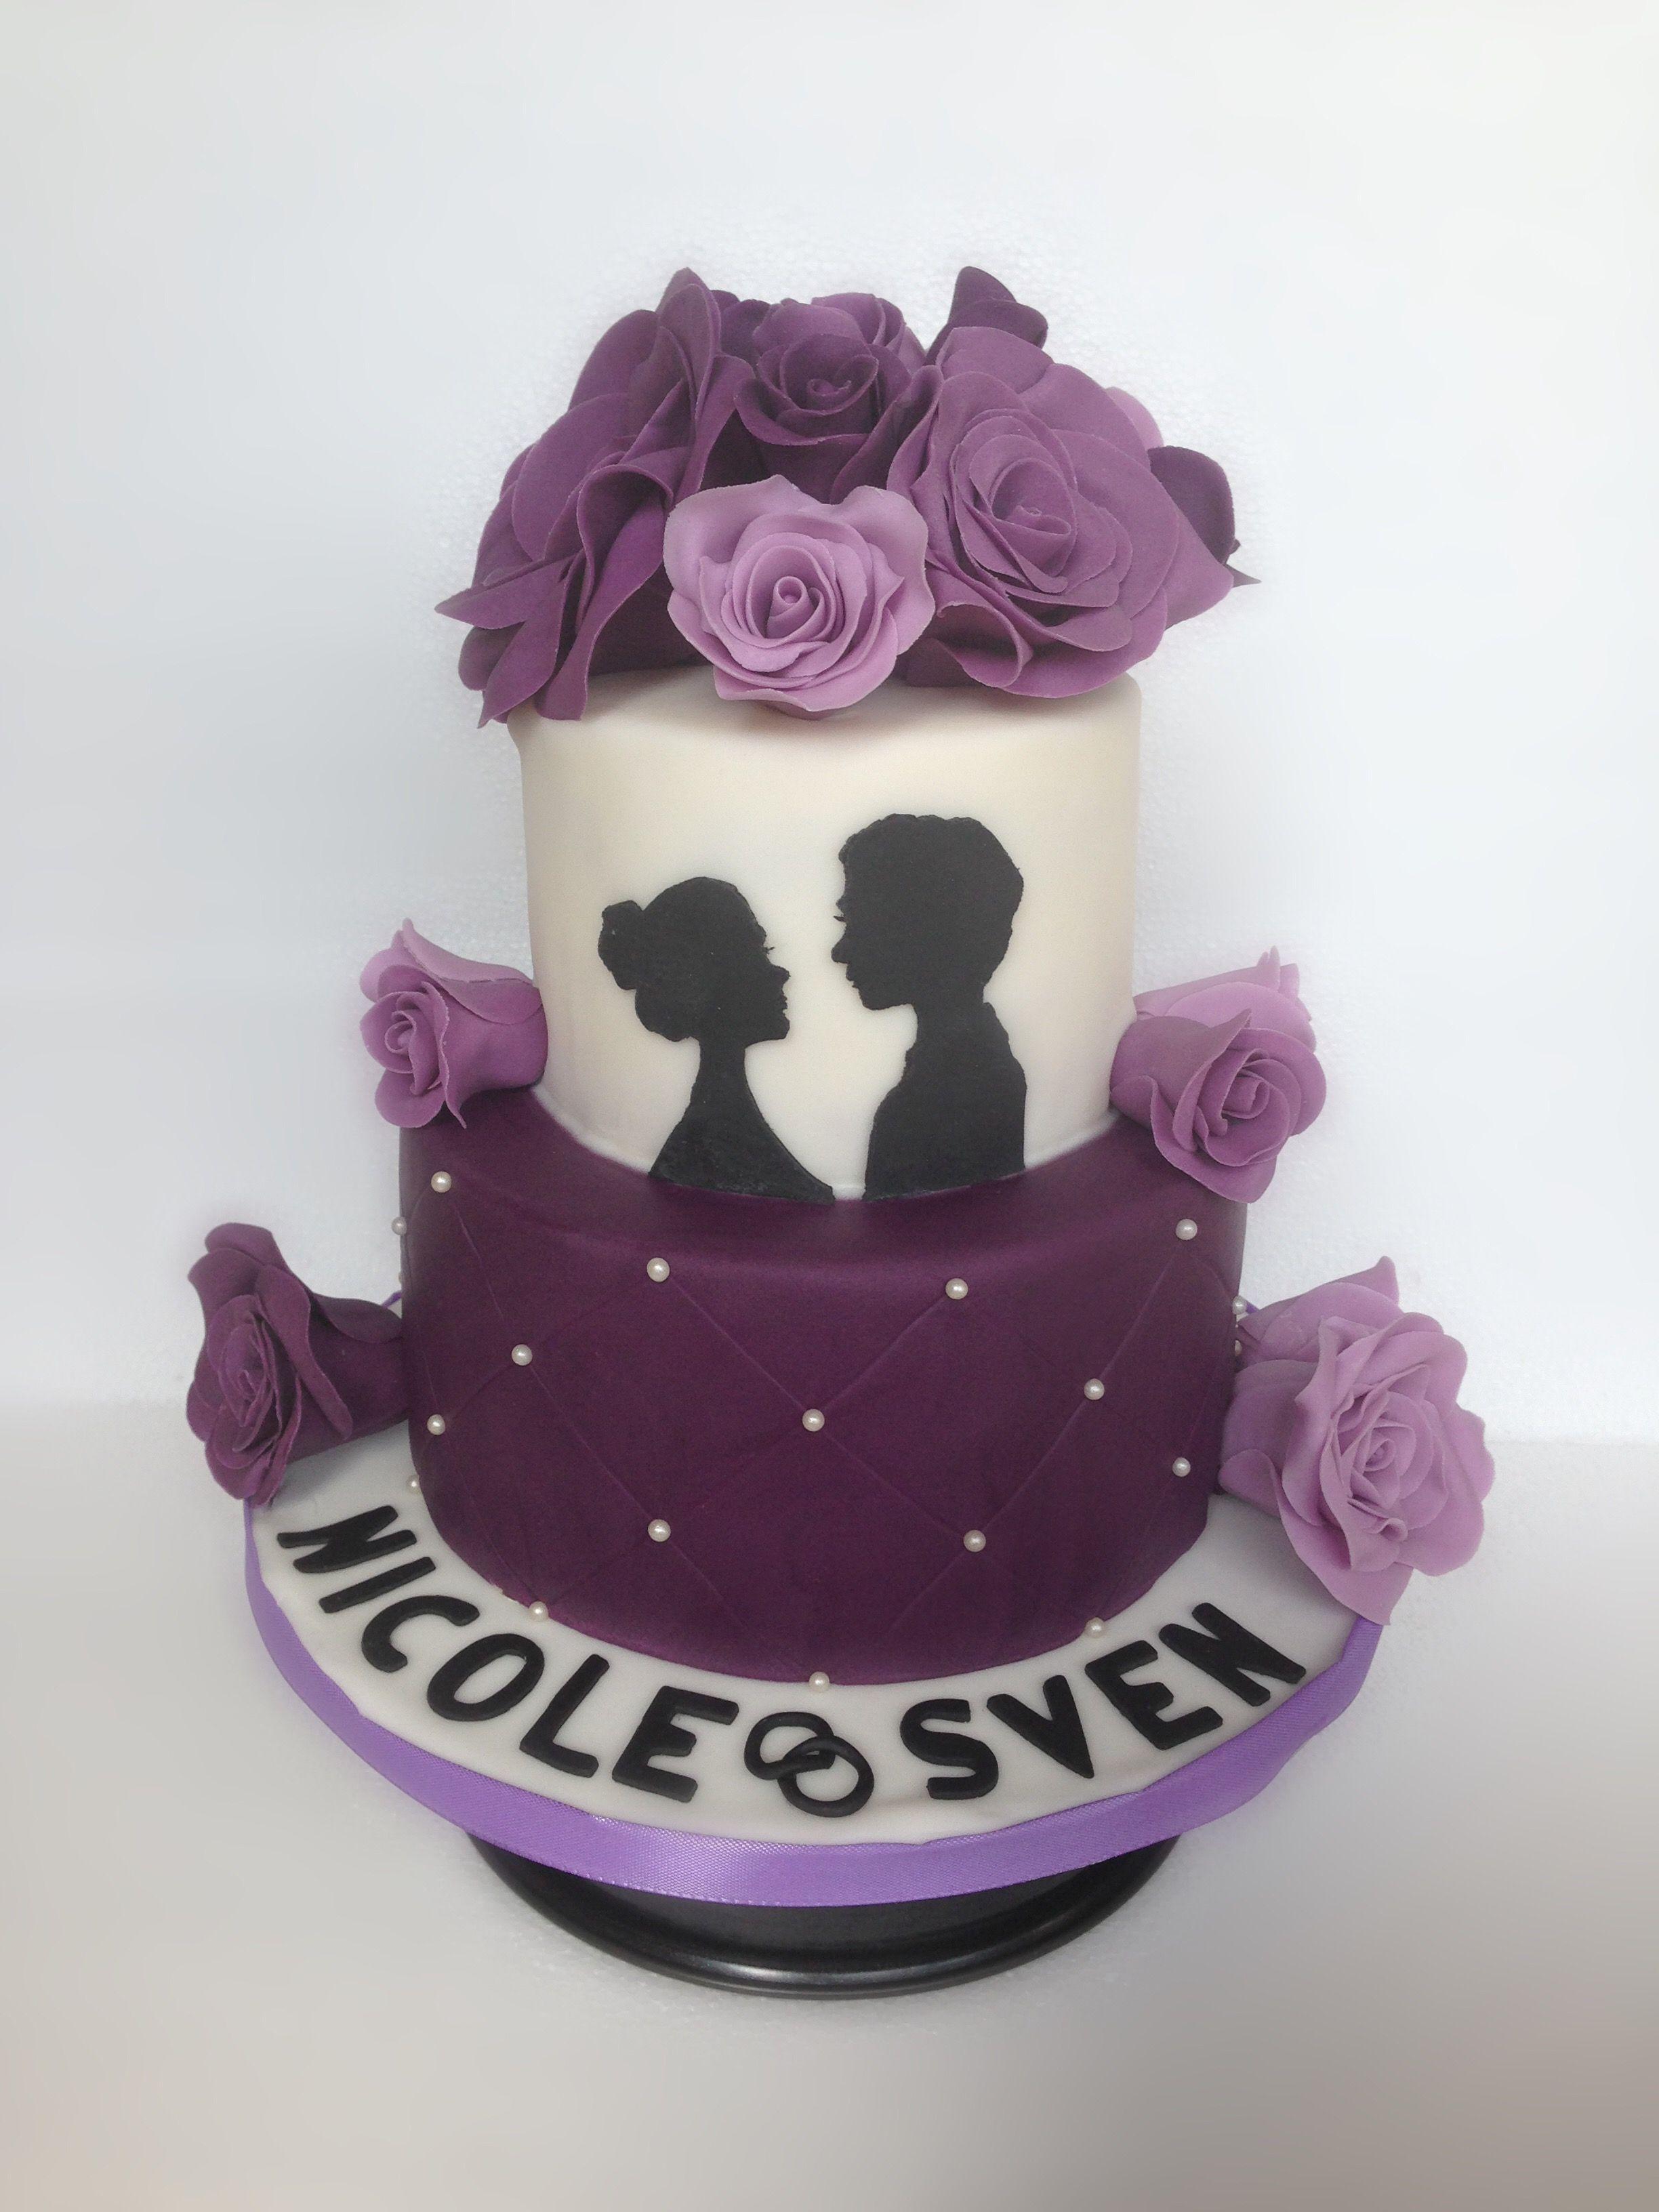 hochzeitstorte torte mit lila rosen aus fondant zweist ckig zwei etagen wei lila mit. Black Bedroom Furniture Sets. Home Design Ideas